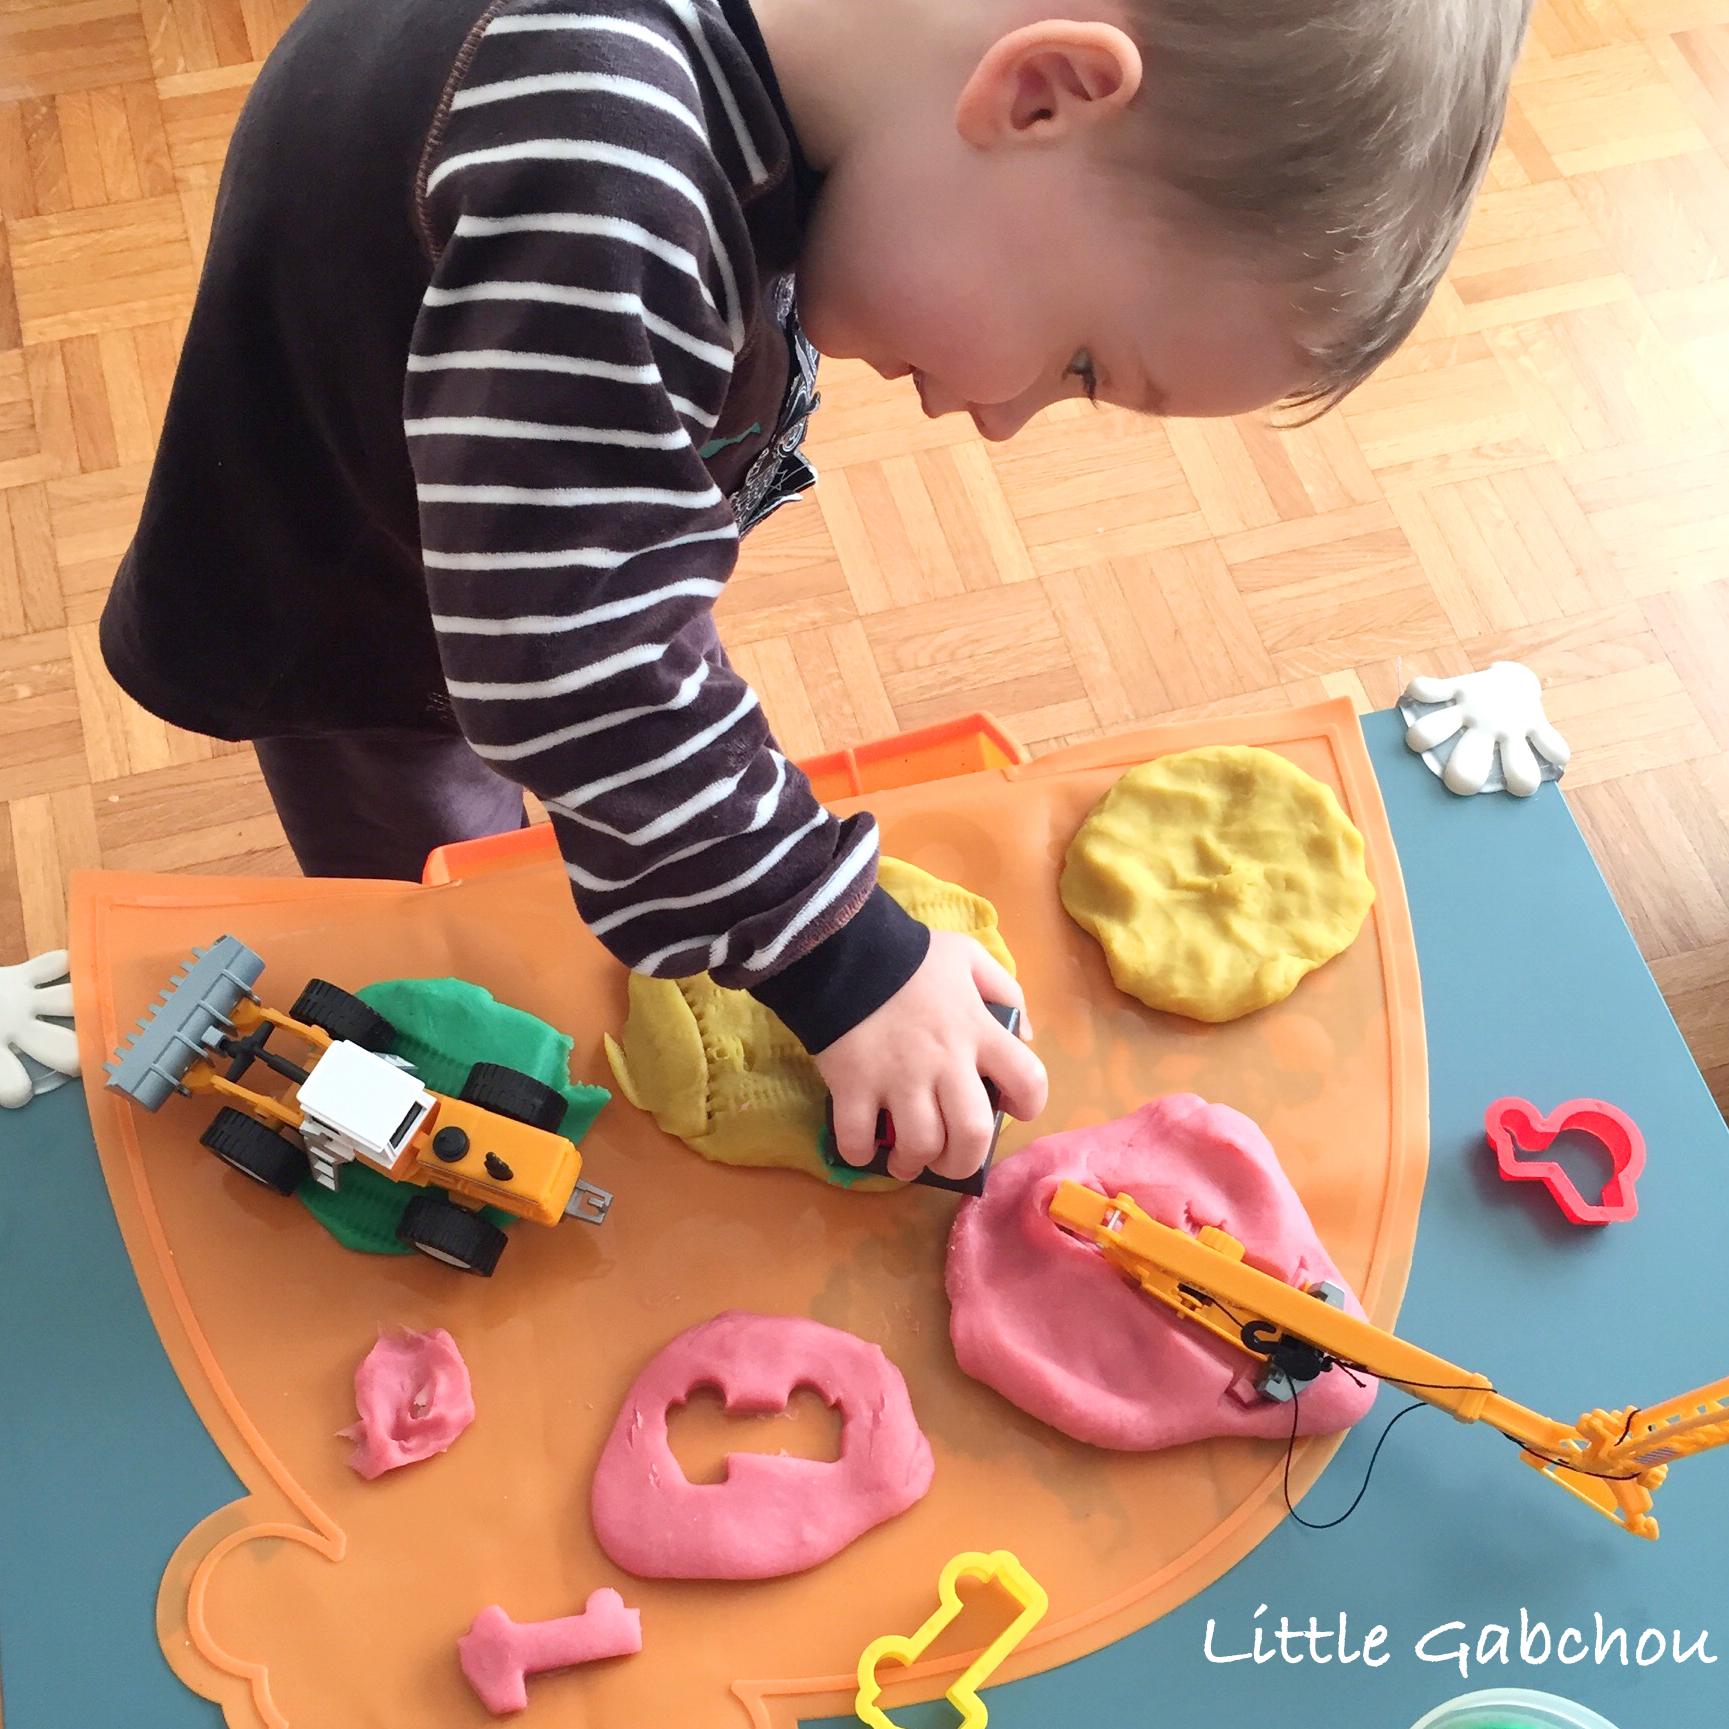 Fabriquer Sa Pate A Modeler Maison Comme Le Play Doh Du Magasin